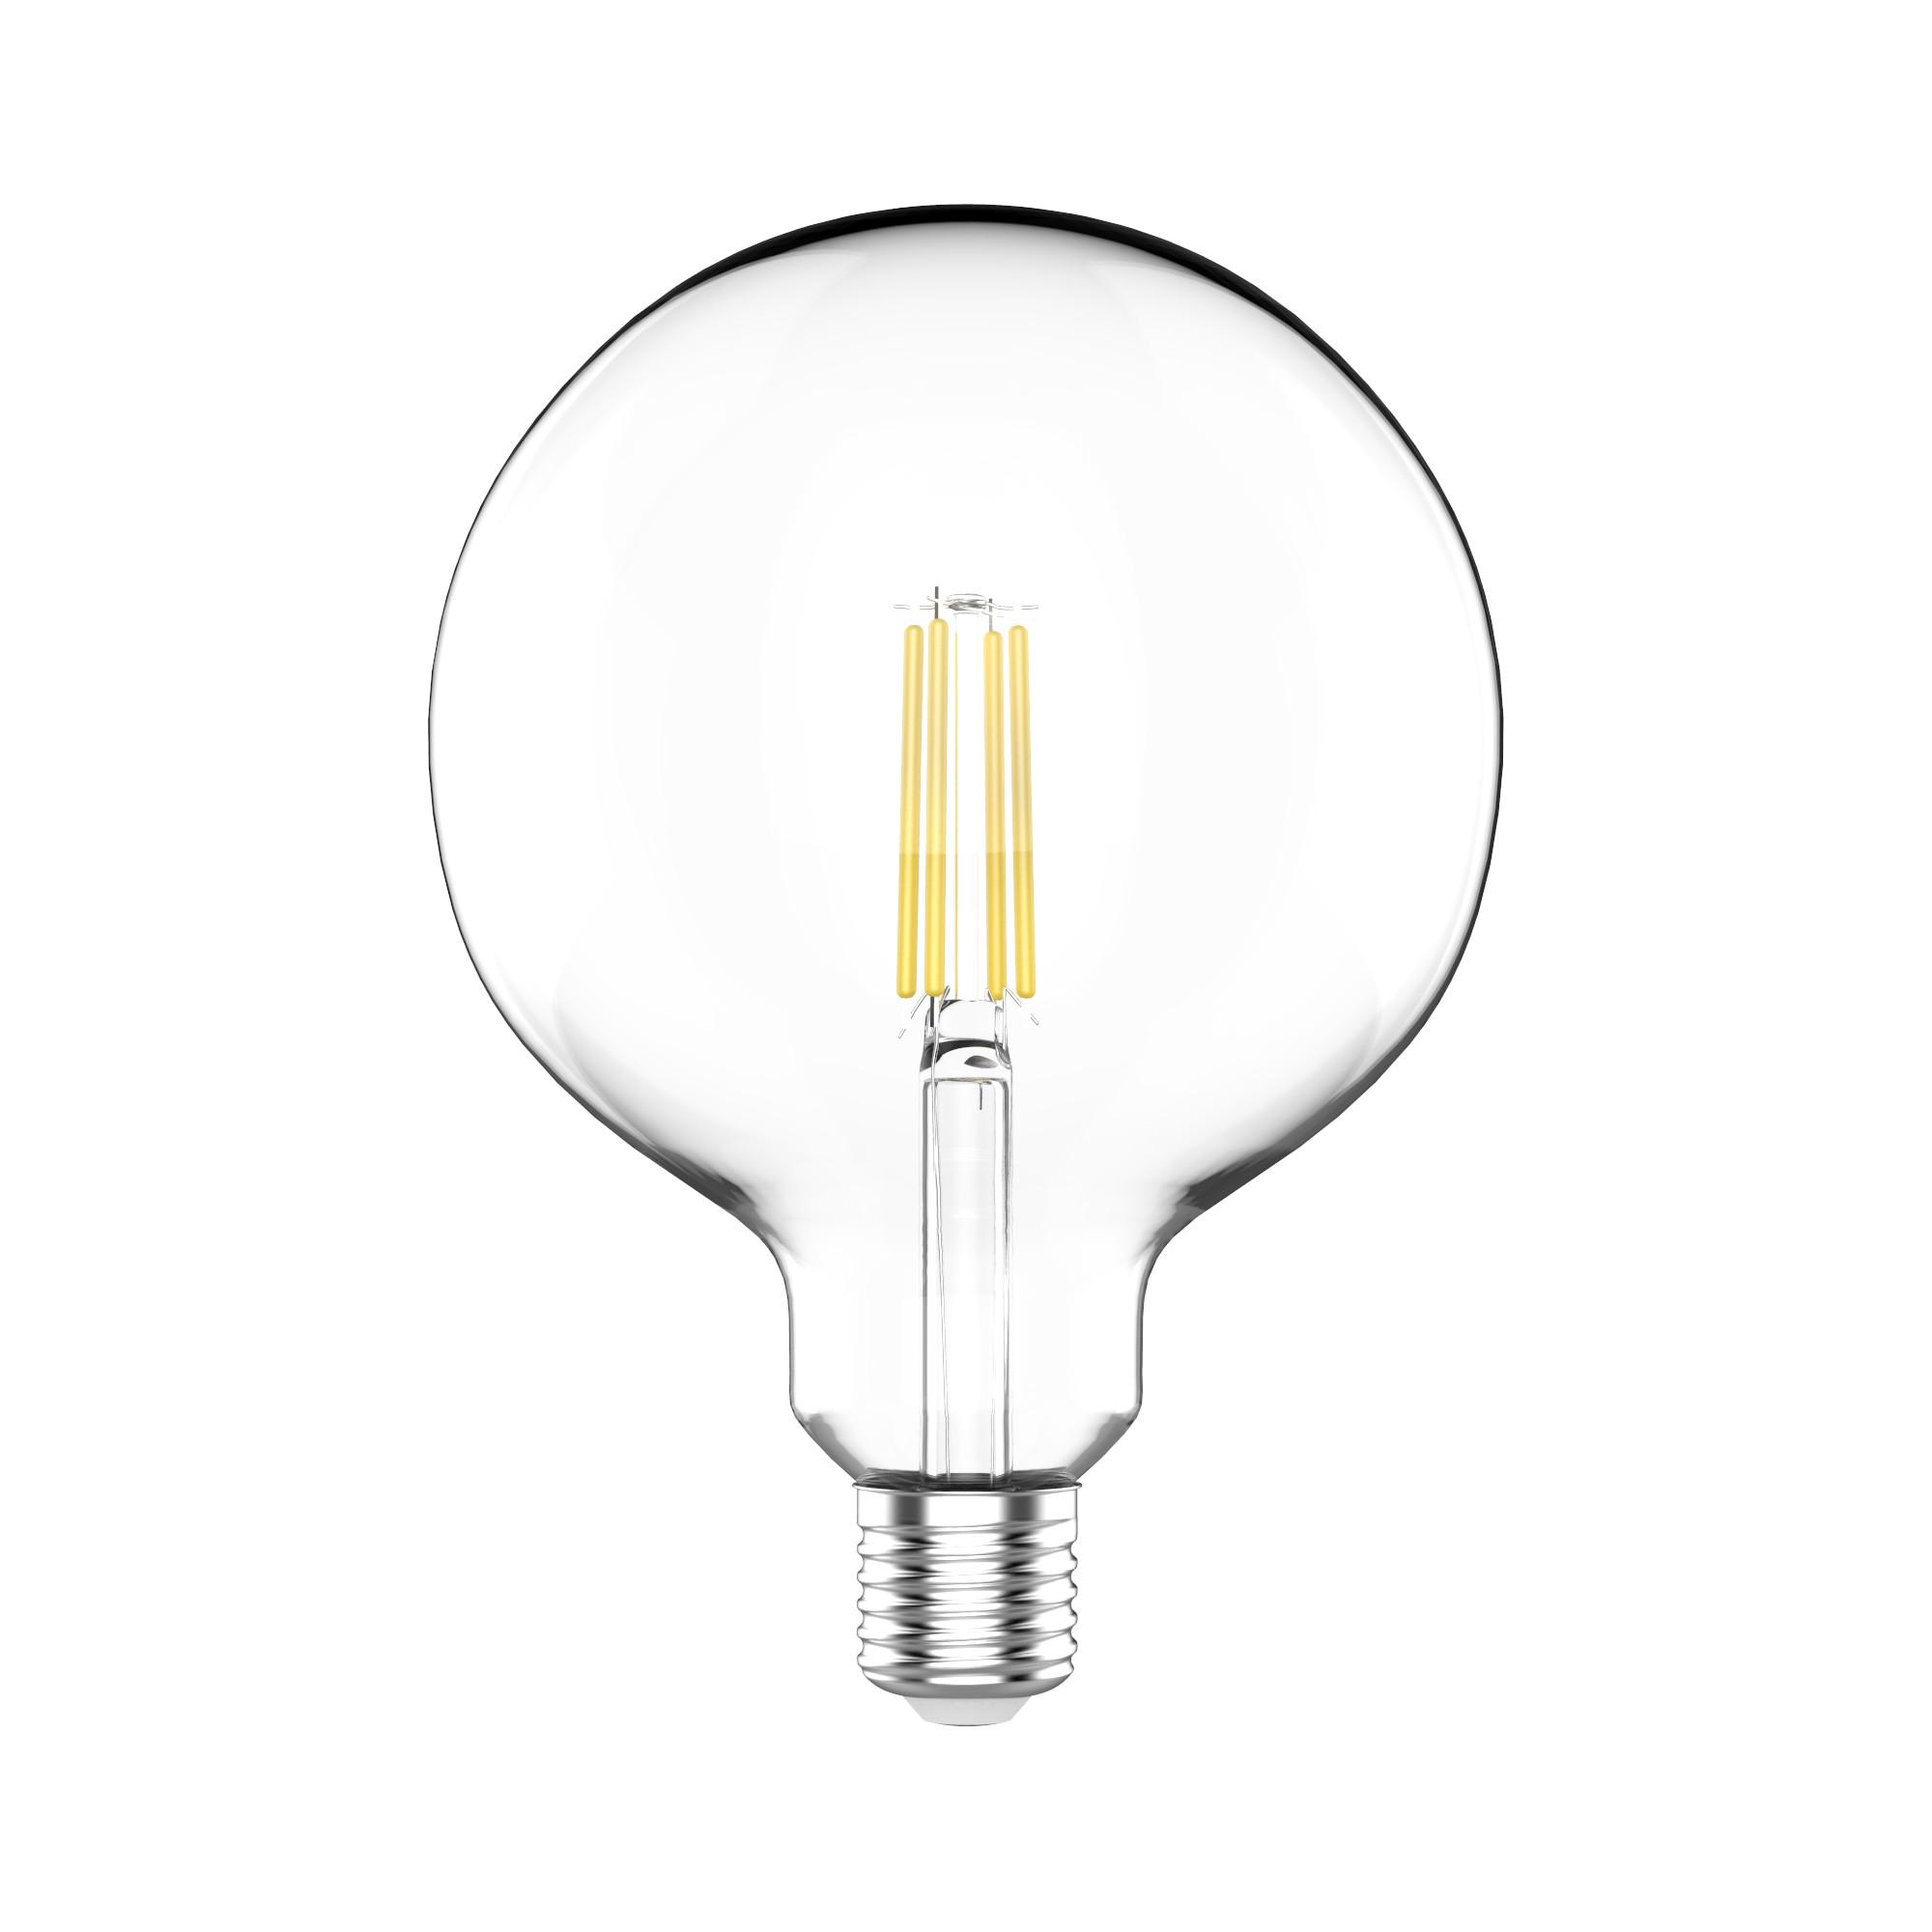 Лампа светодиодная Gauss Basic Filament E27 220 В 11.5 Вт шар декоративный прозрачный 1520 лм нейтральный белый свет